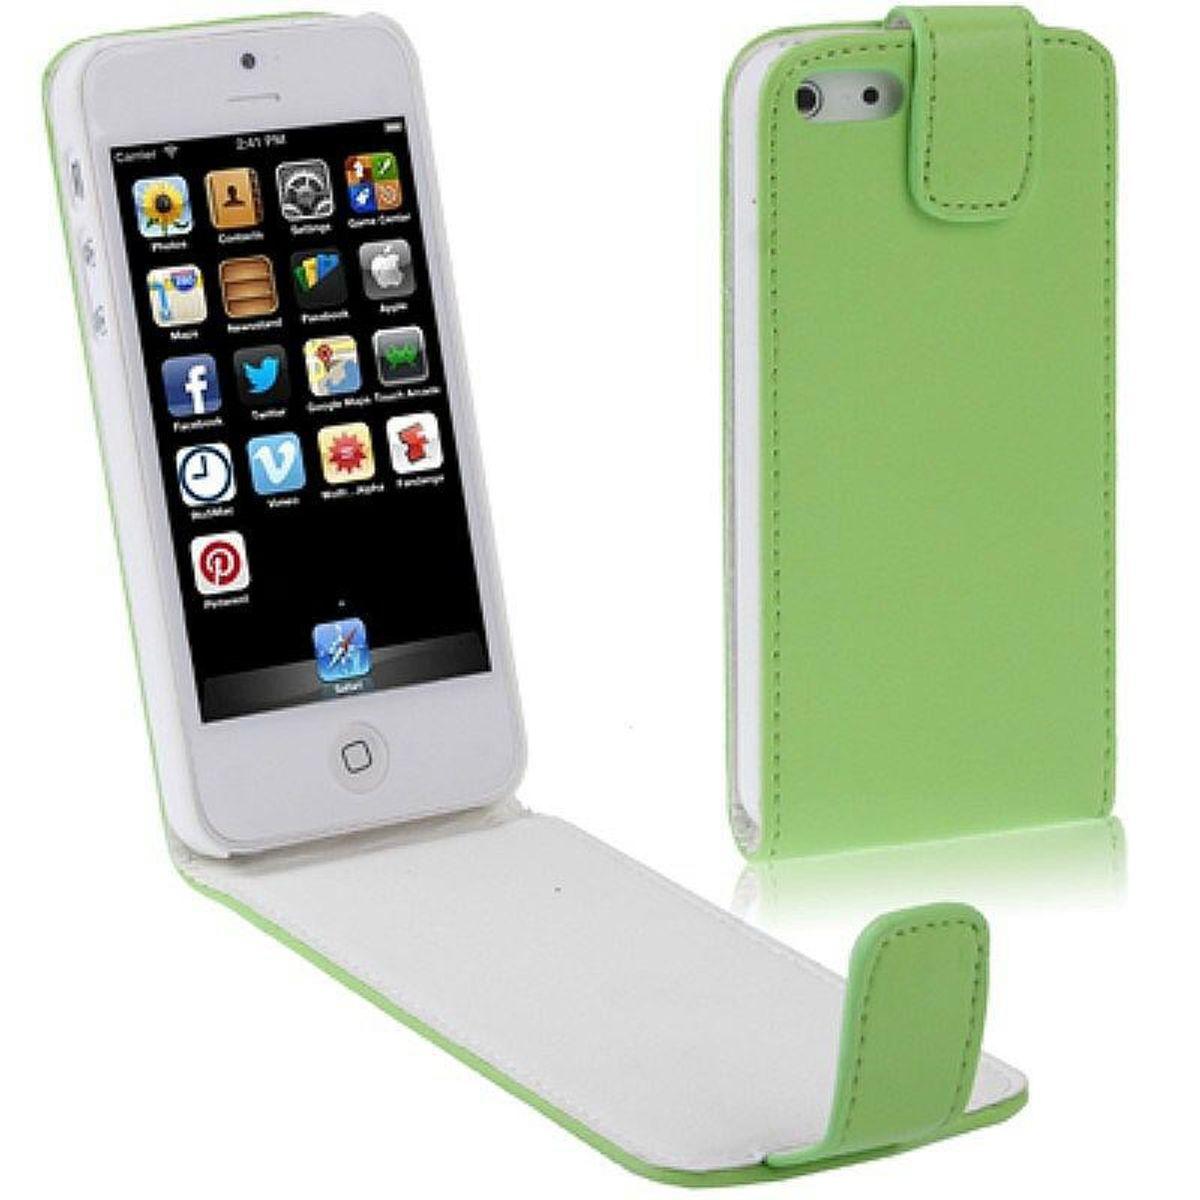 Handy Tasche Flip dünn für Handy iPhone 5 / 5s Grün